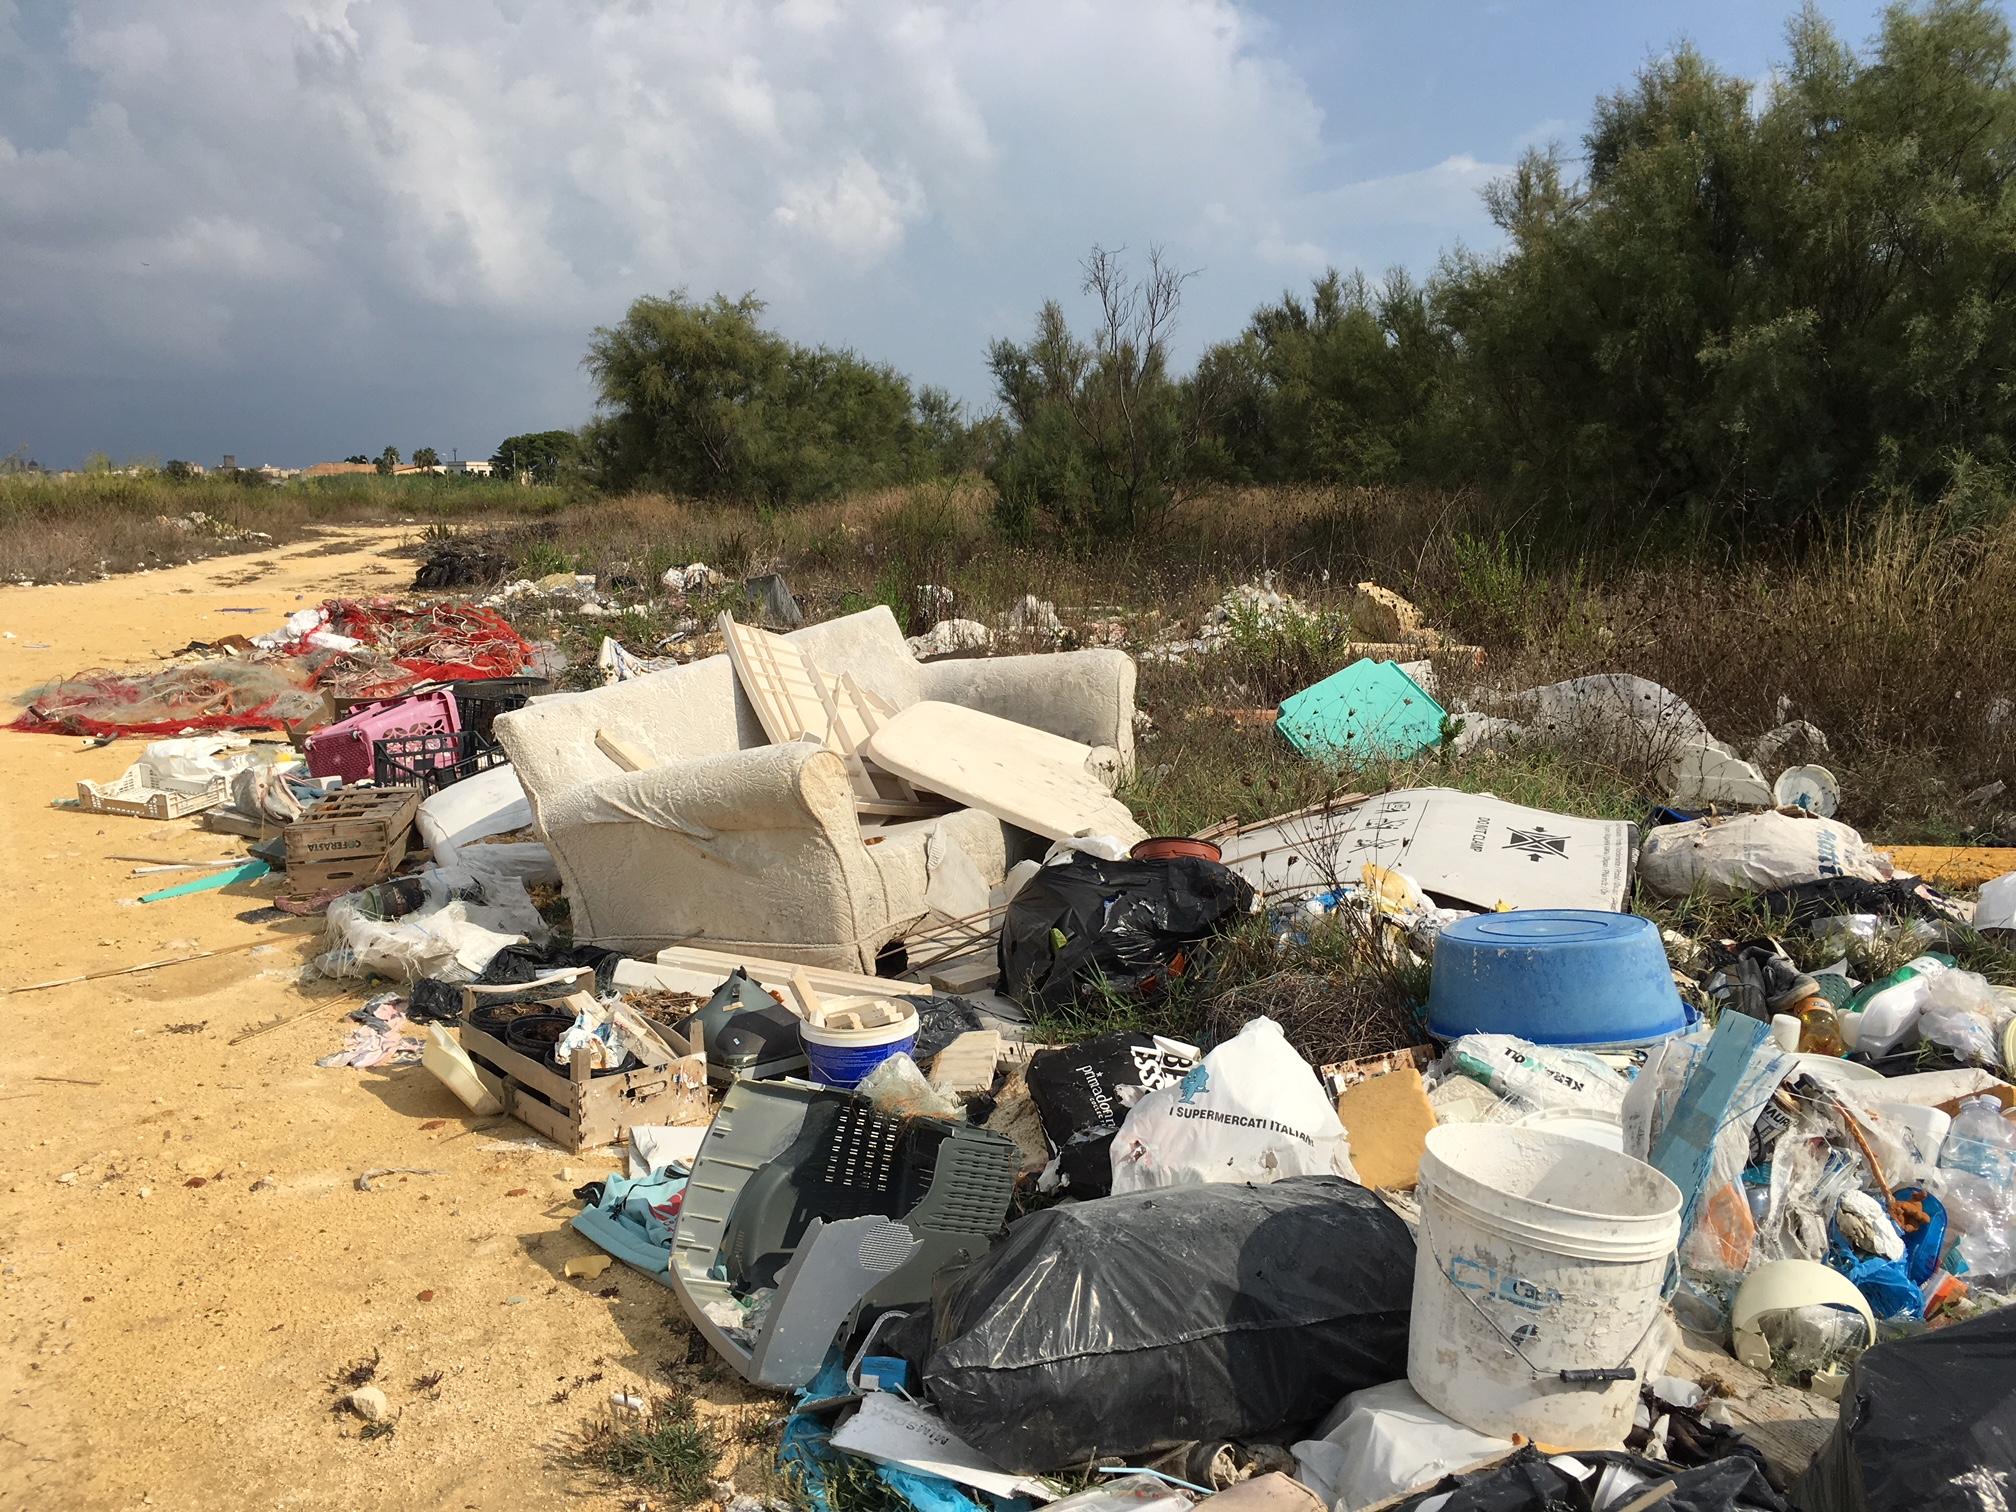 Il degrado della colmata di Casabianca: tra rifiuti e prostituzione, è ormai la discarica preferita dai marsalesi